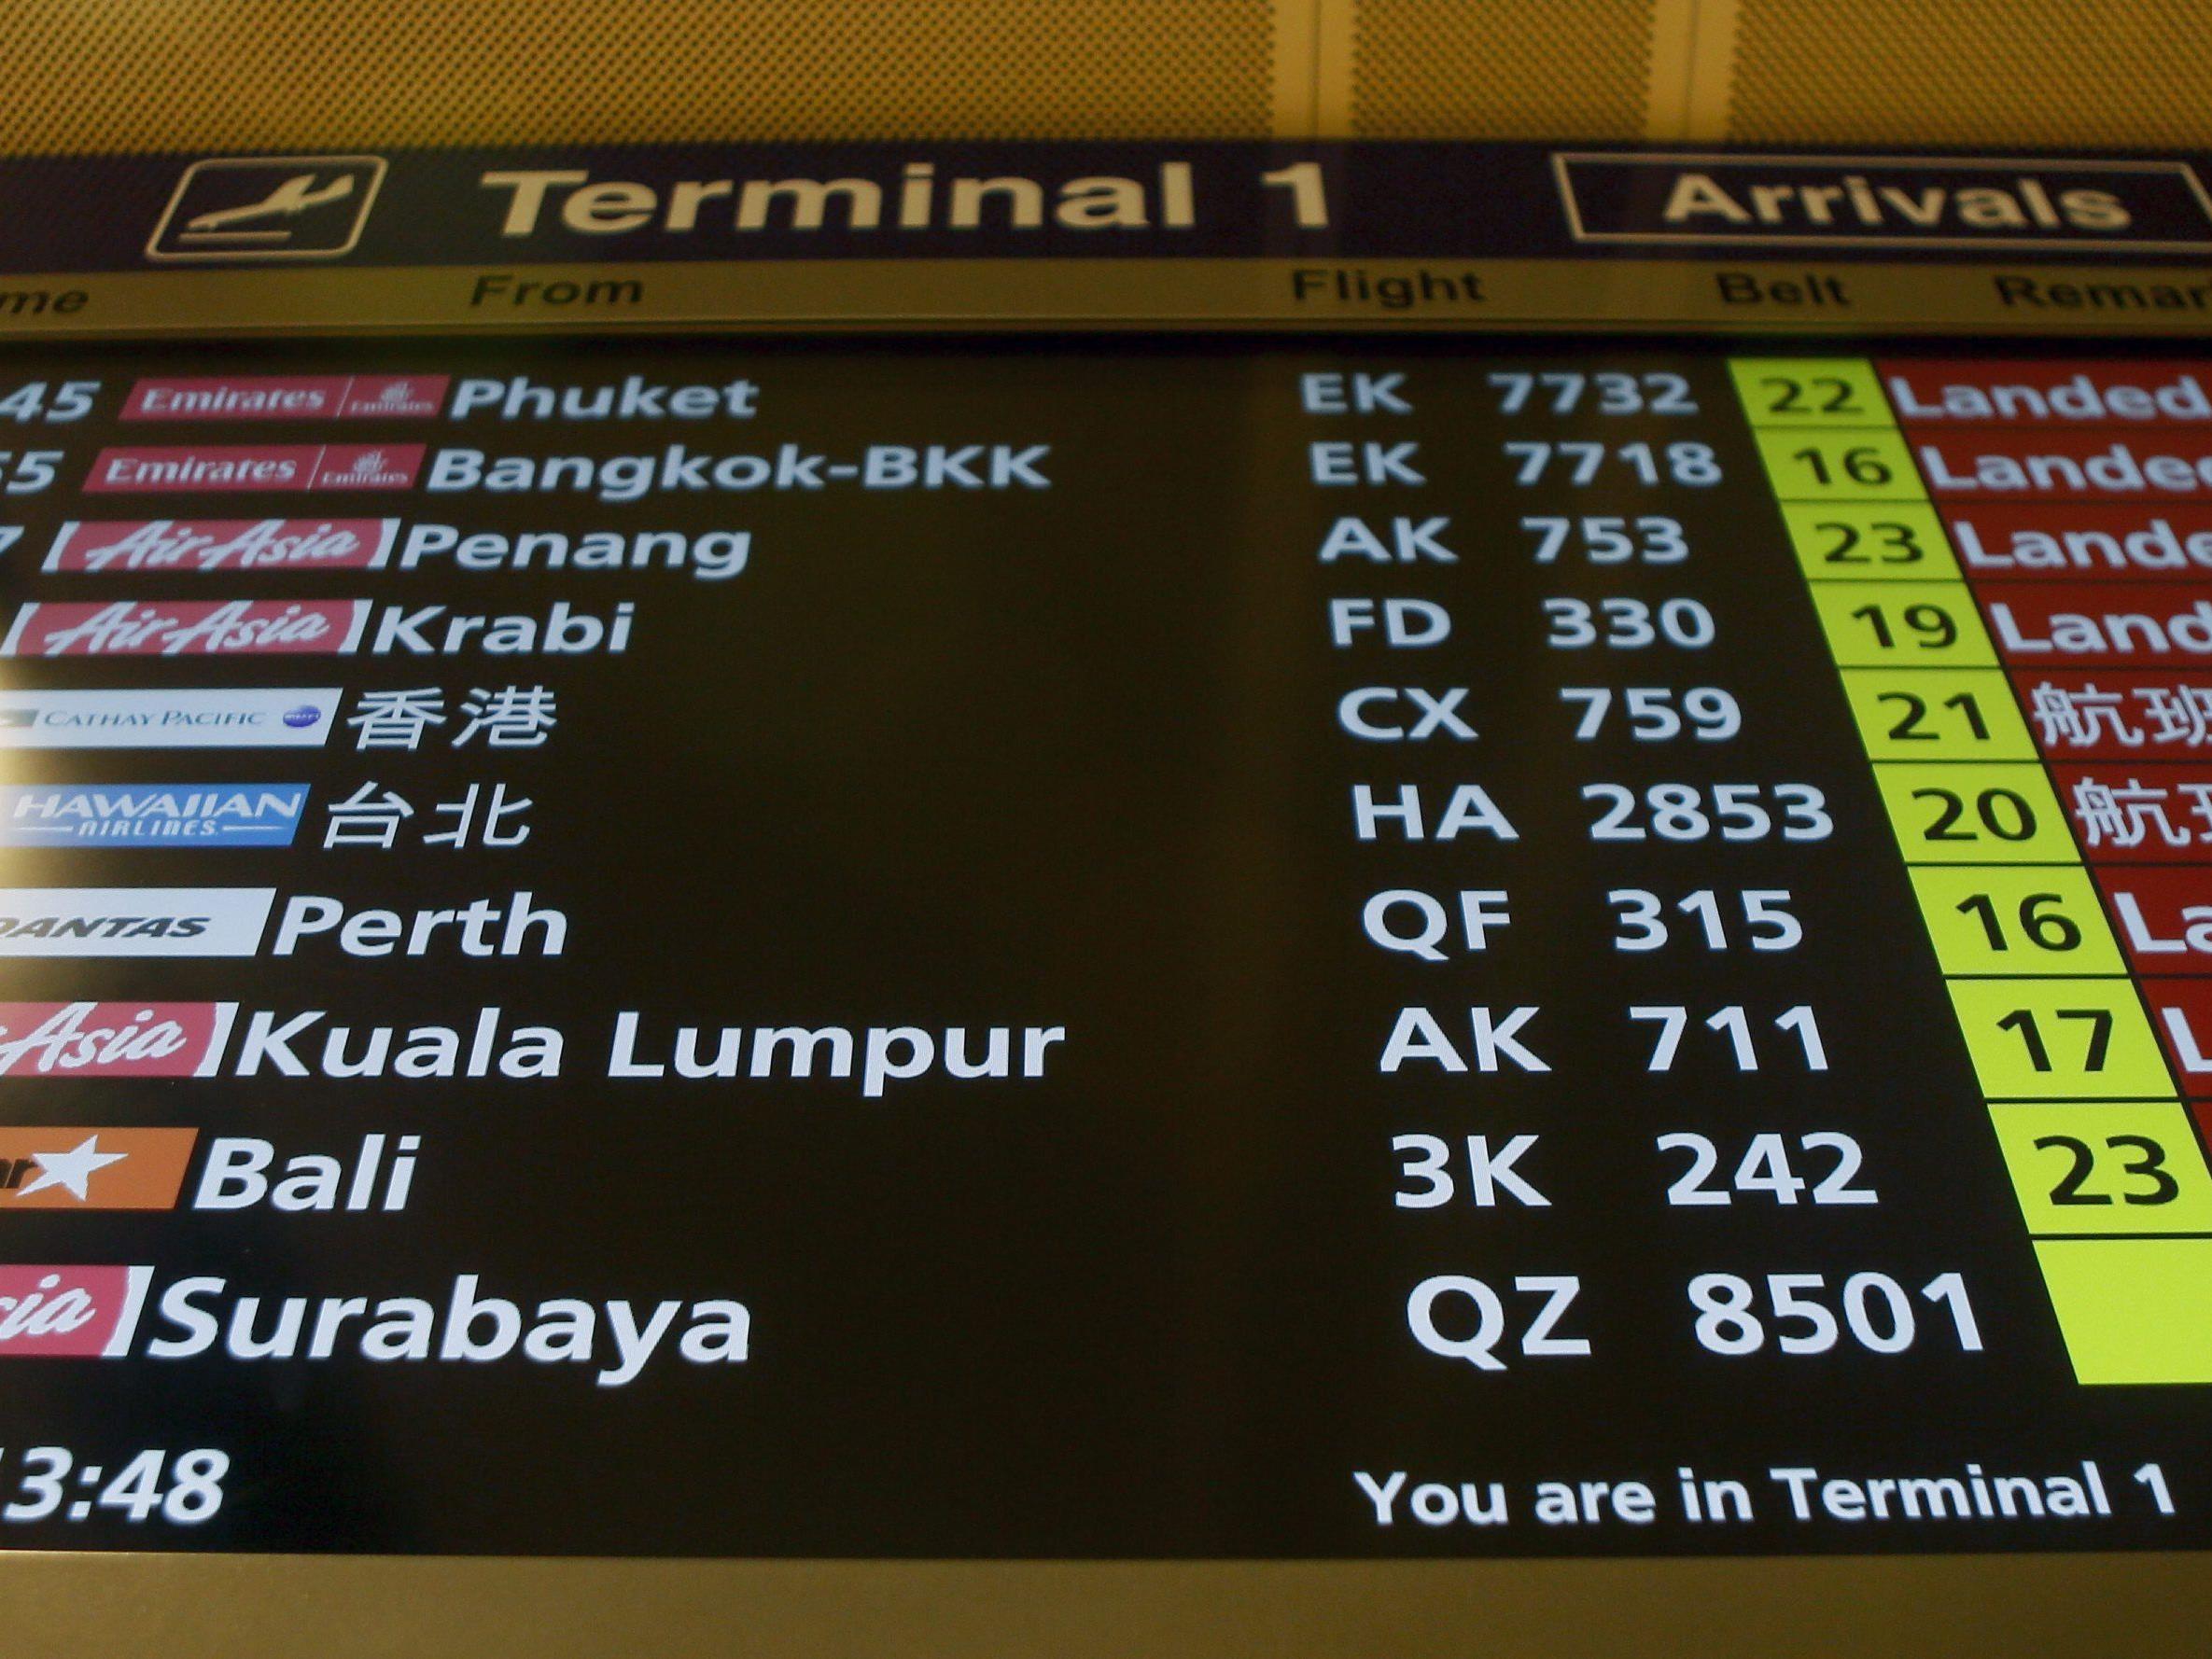 42 Minuten nach dem Start ging der Kontakt mit QZ8501 verloren.